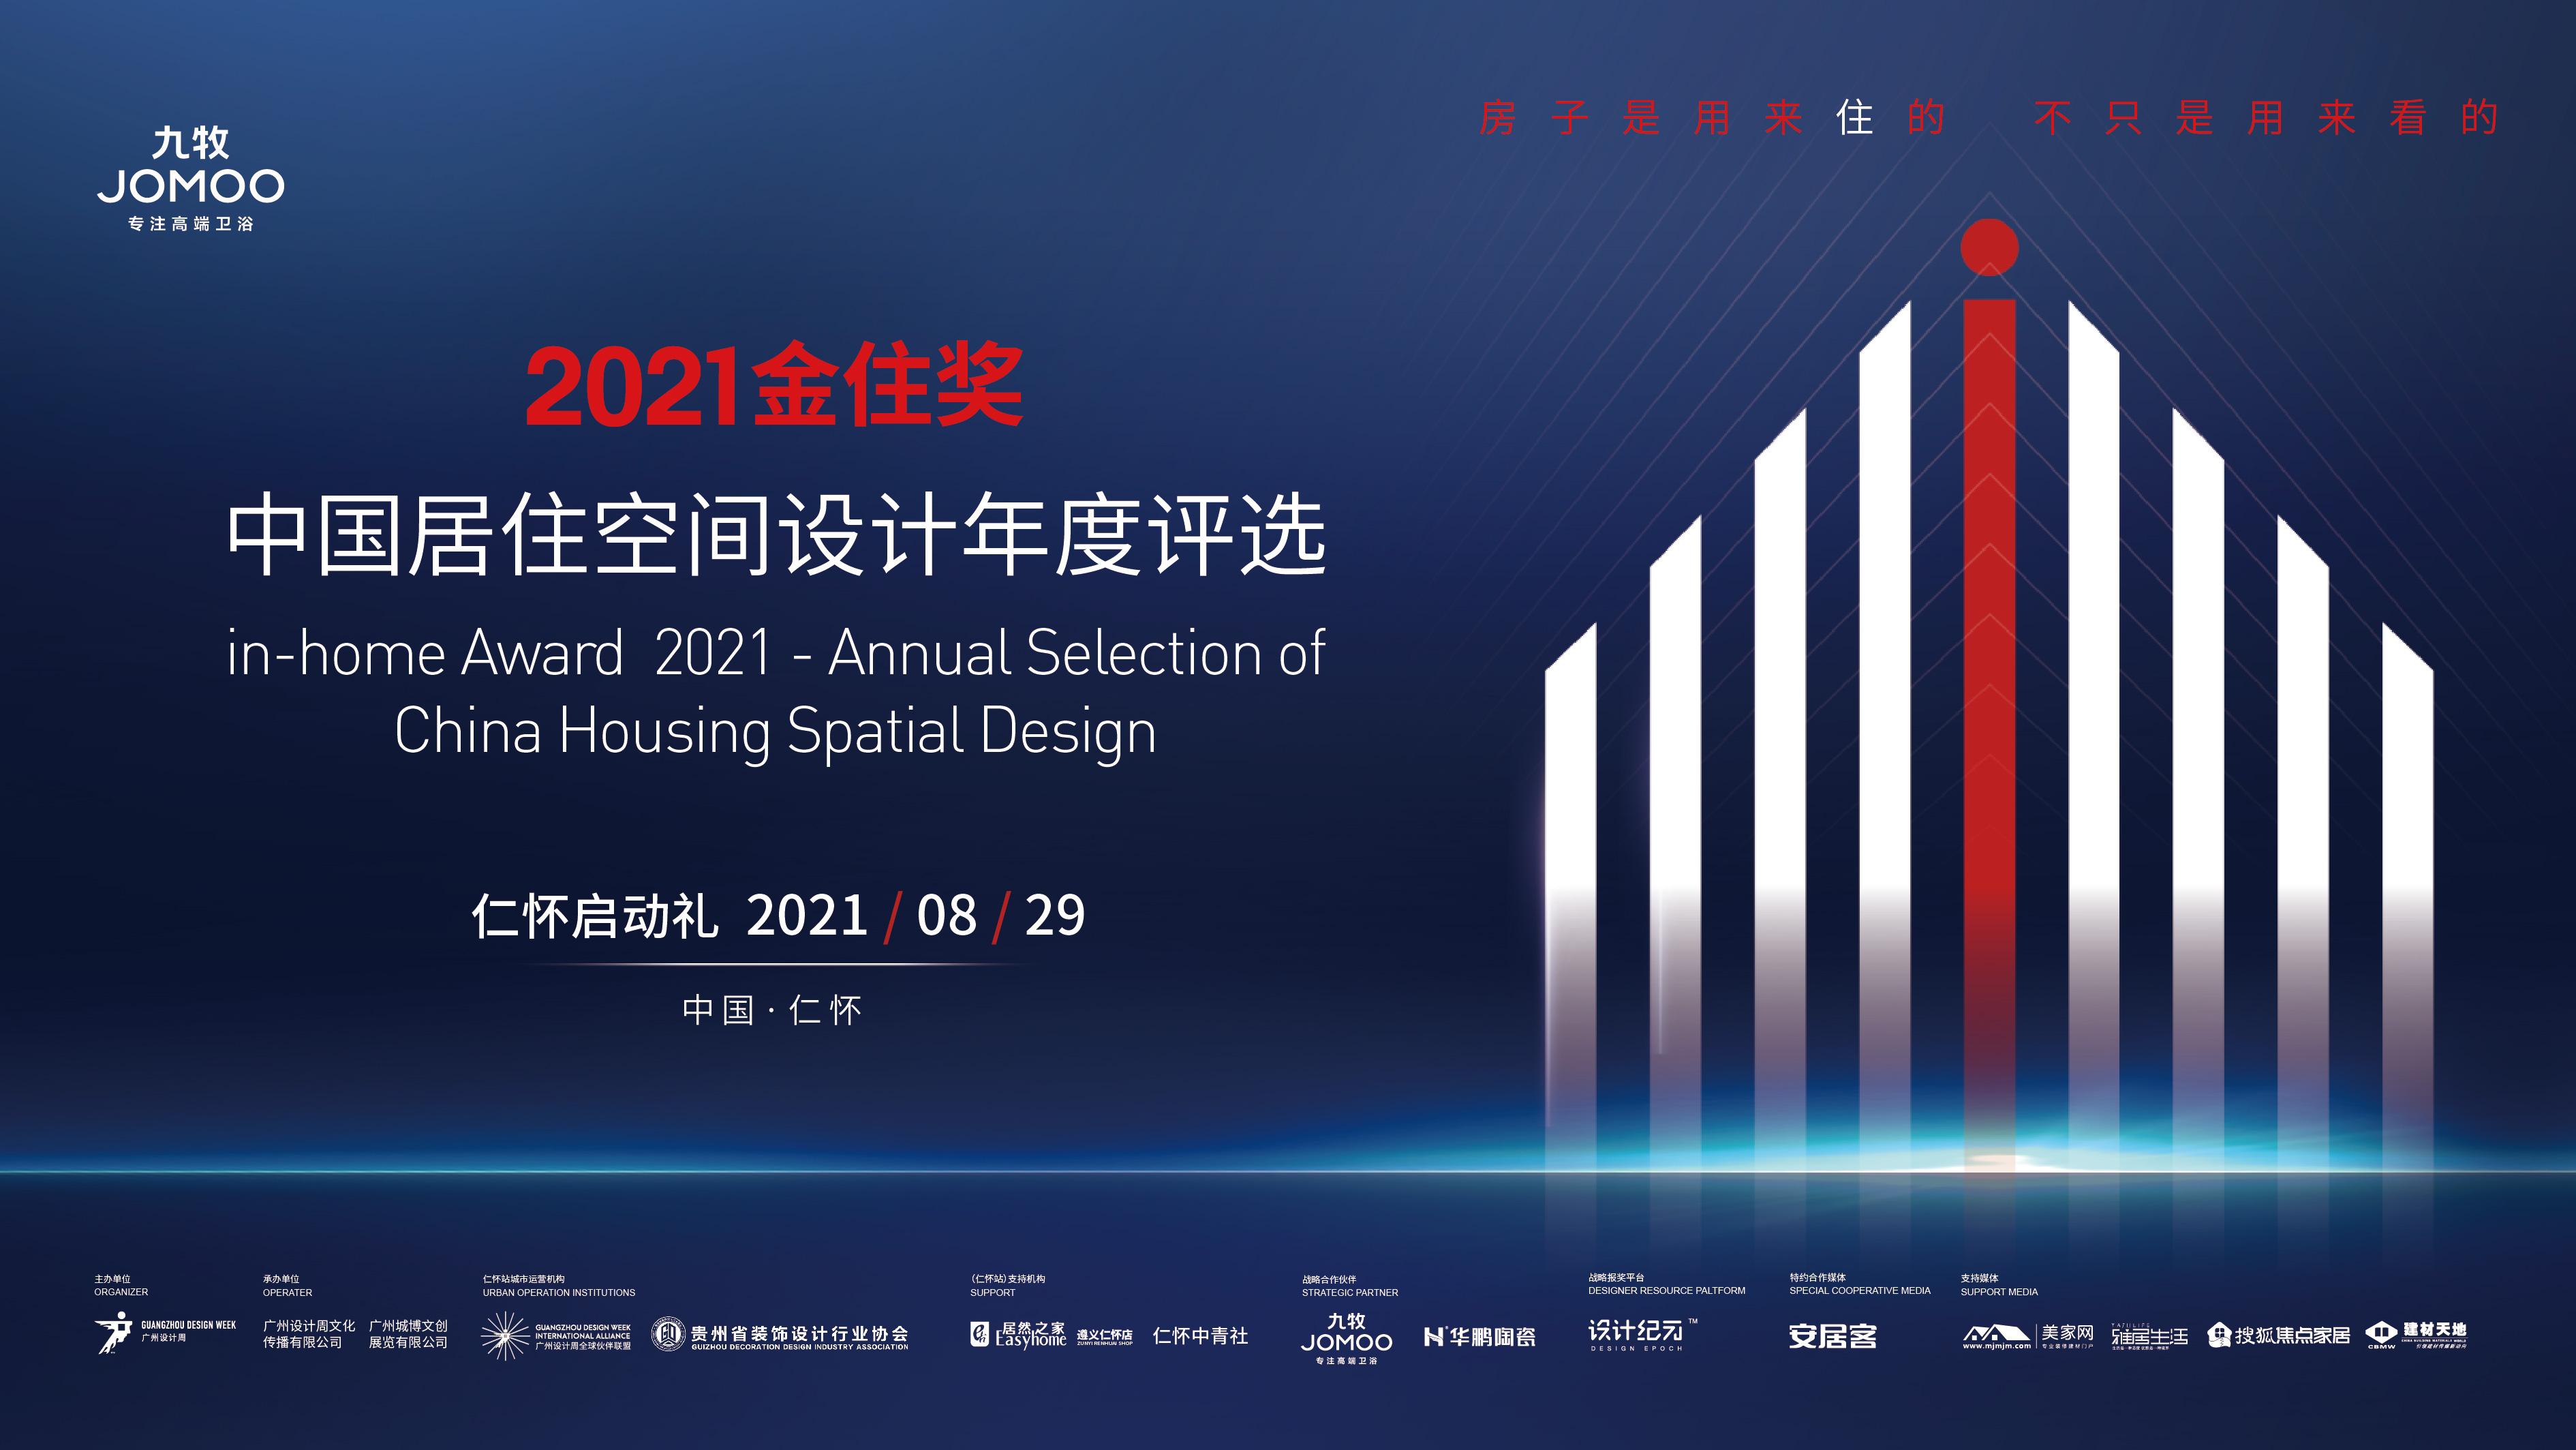 2021中国居住空间设计年度评选金住奖启动仪式暨仁怀居然之家中青设开业